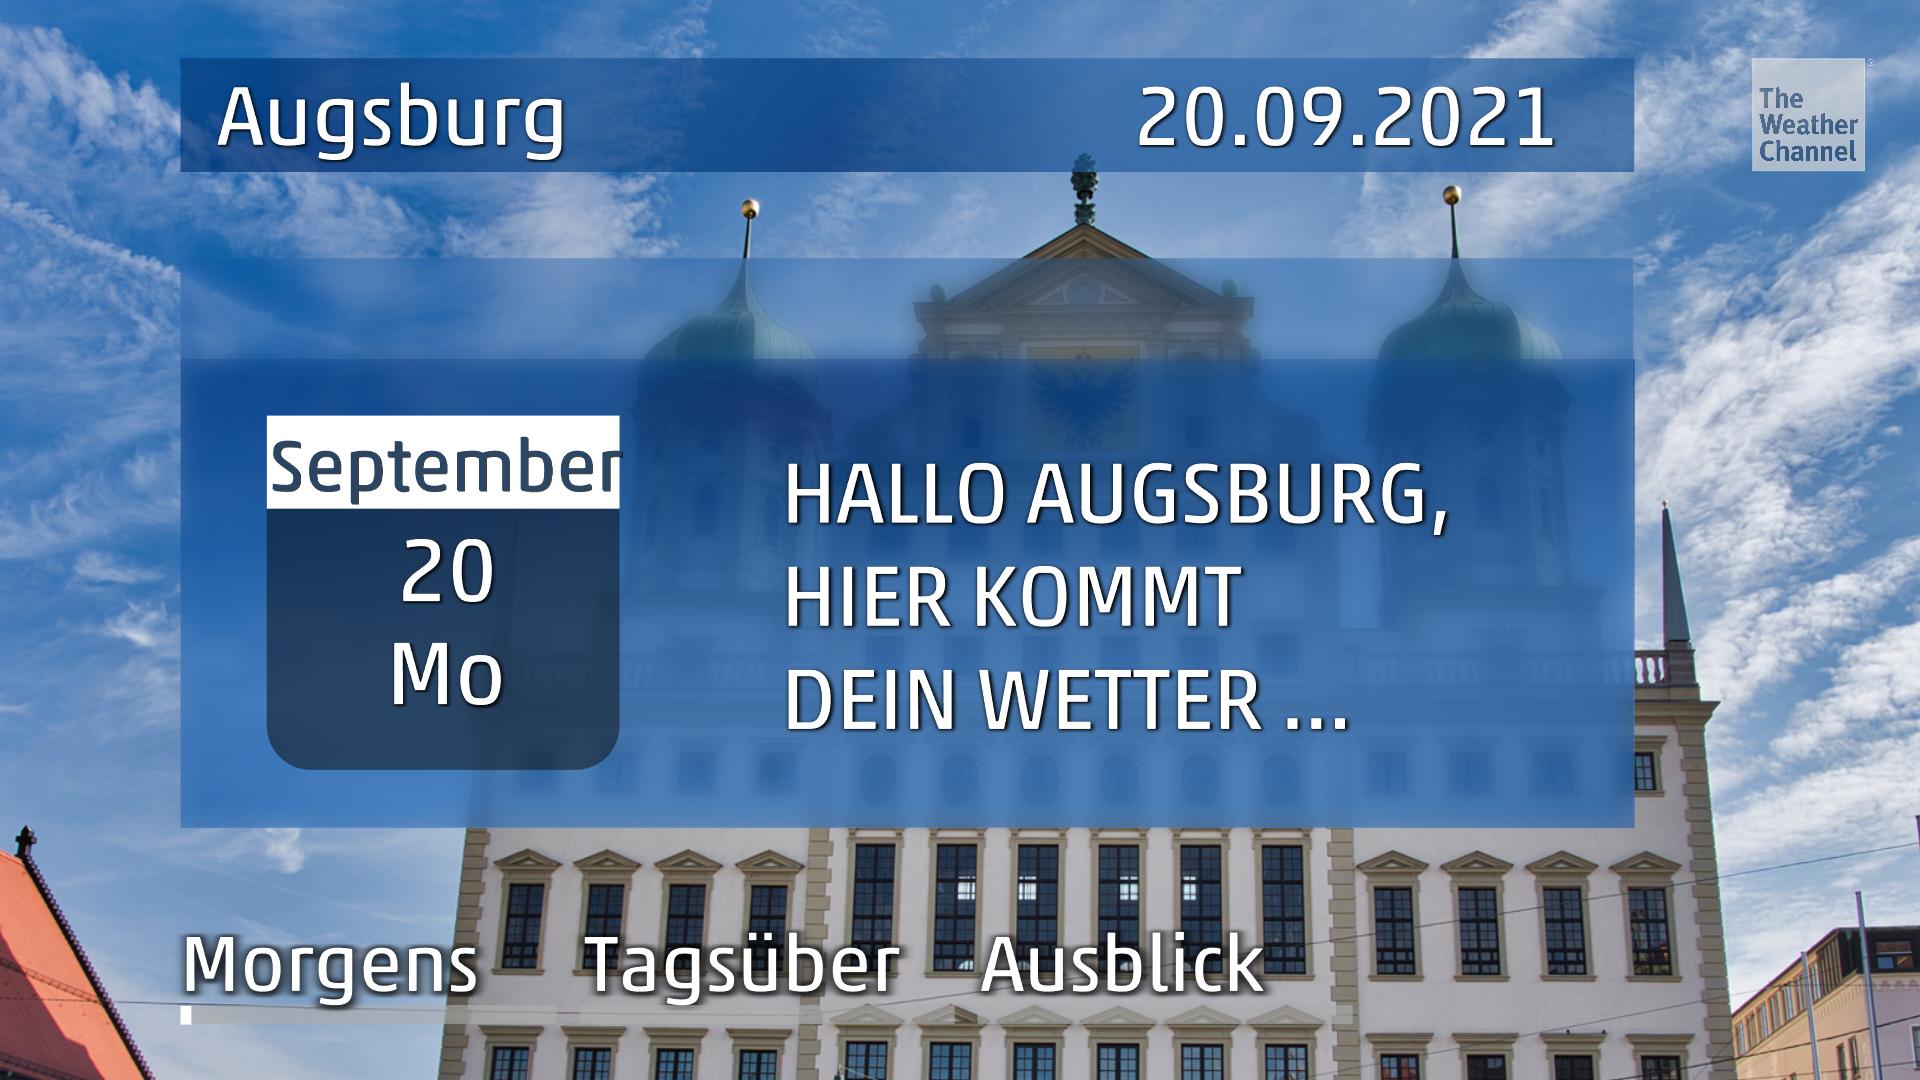 Das Wetter für Augsburg am Montag, den 20.09.2021